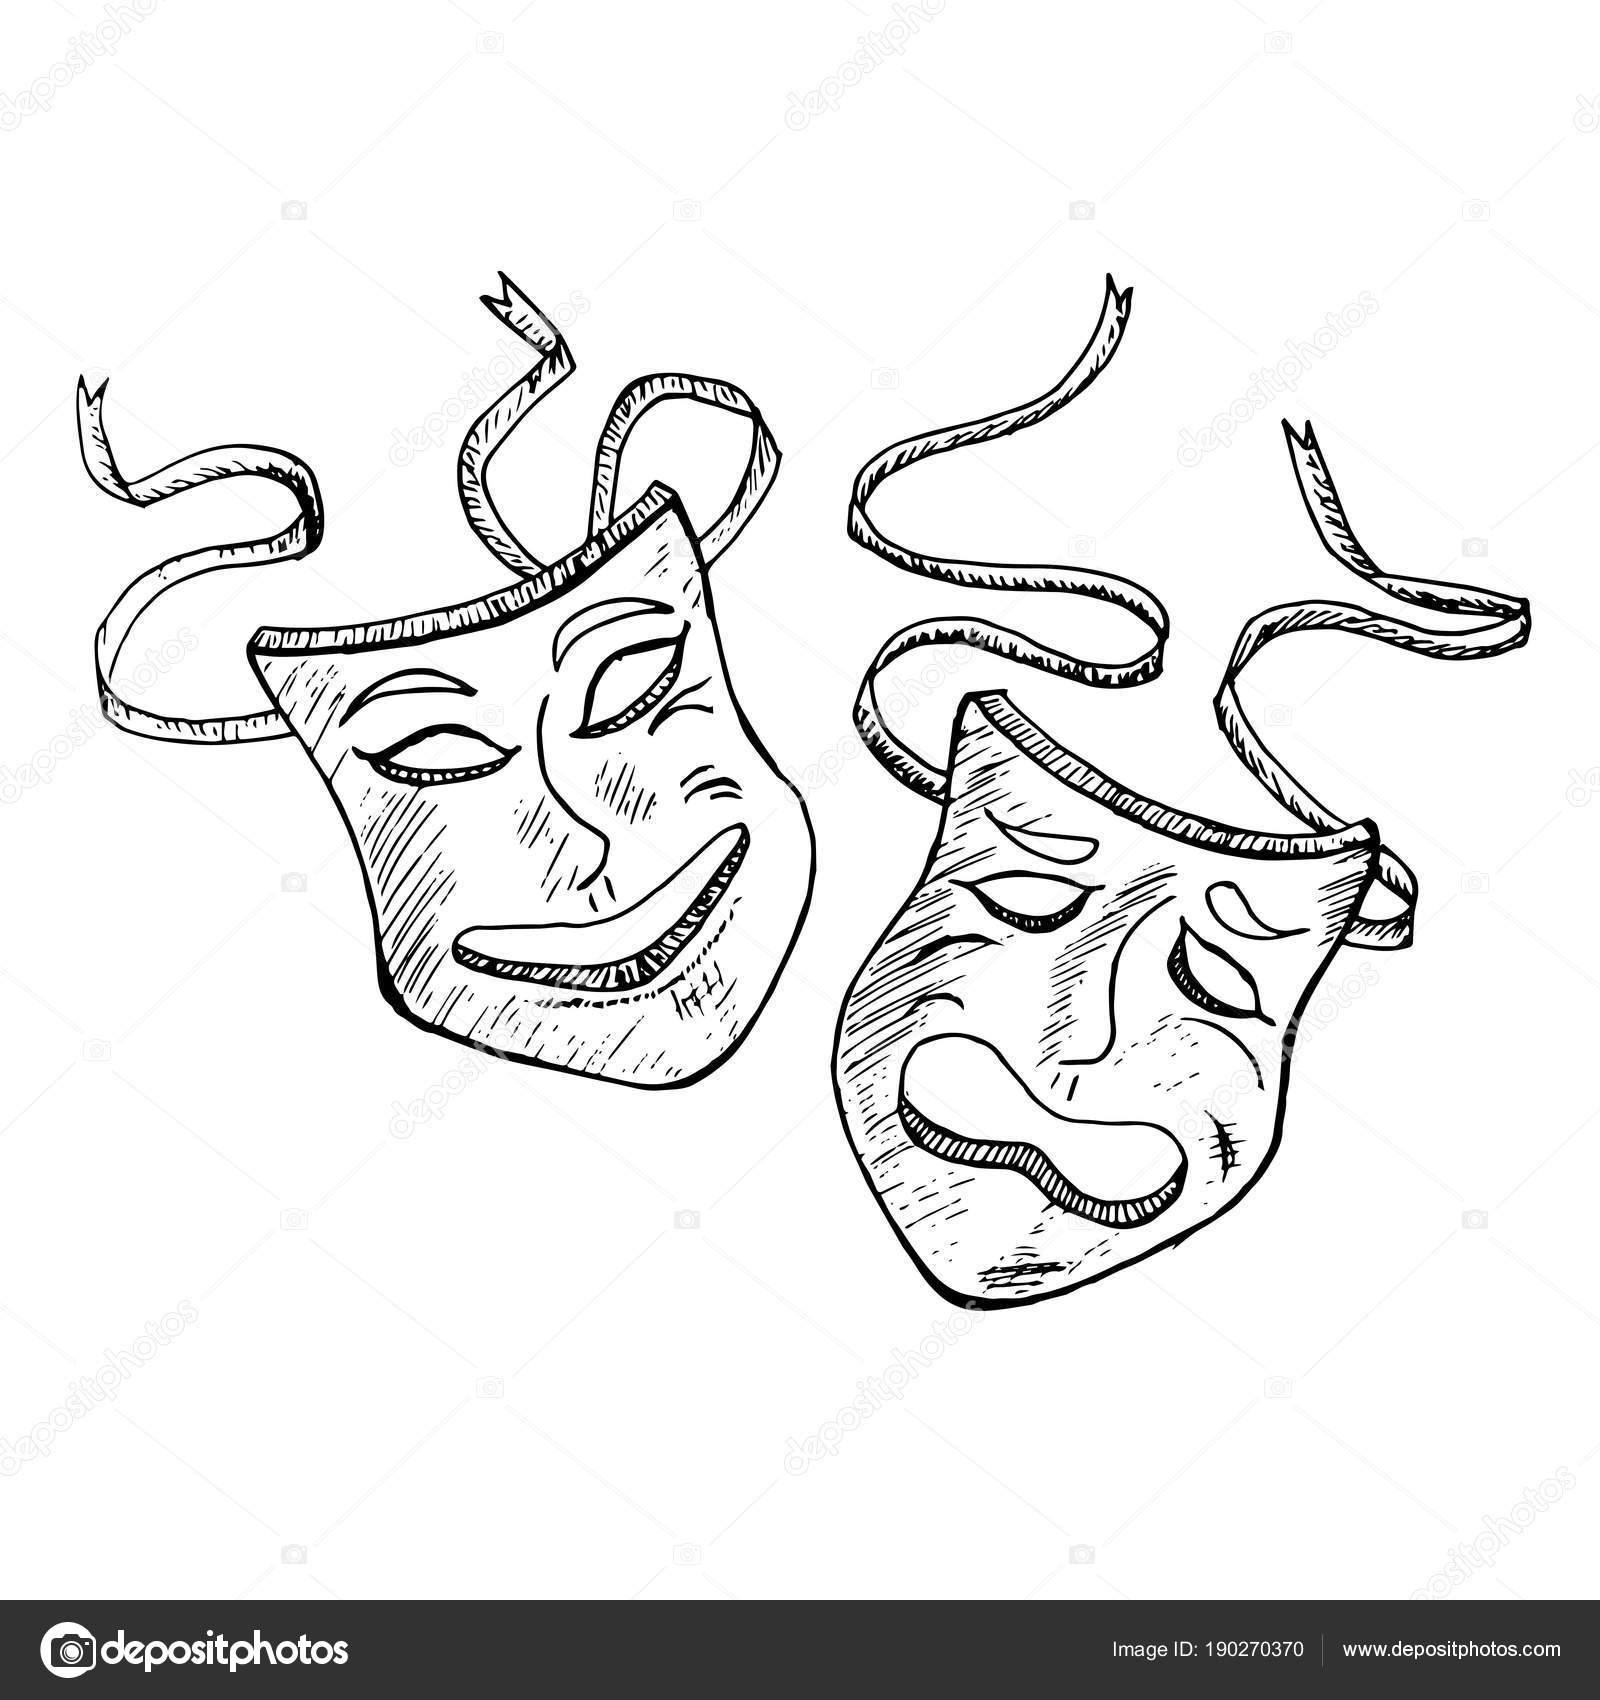 Mascara Wikipedia